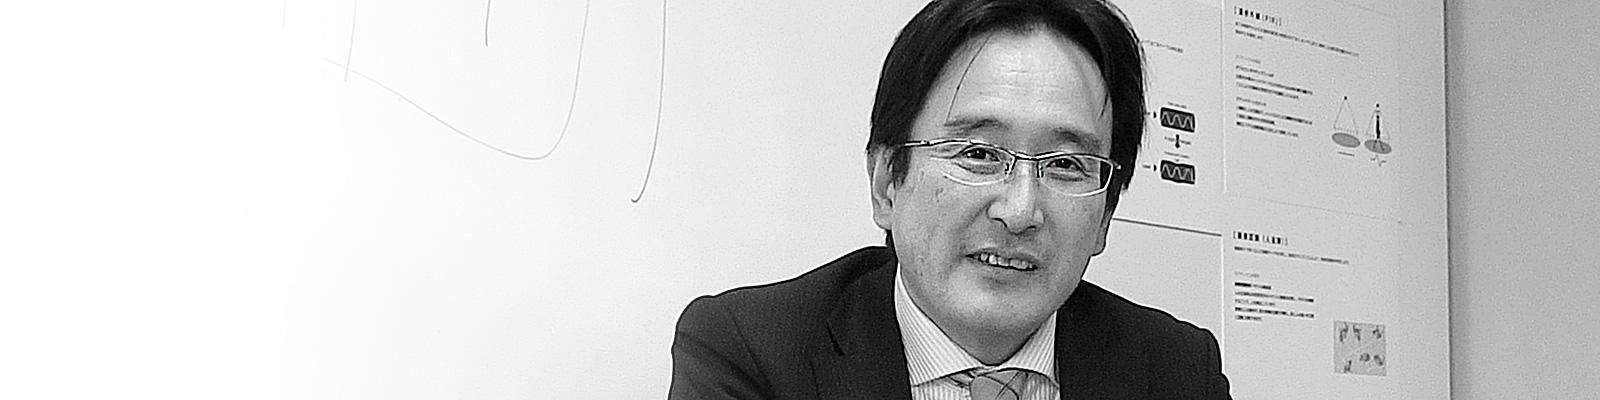 オプテックス株式会社R&D戦略部部長 中村明彦氏